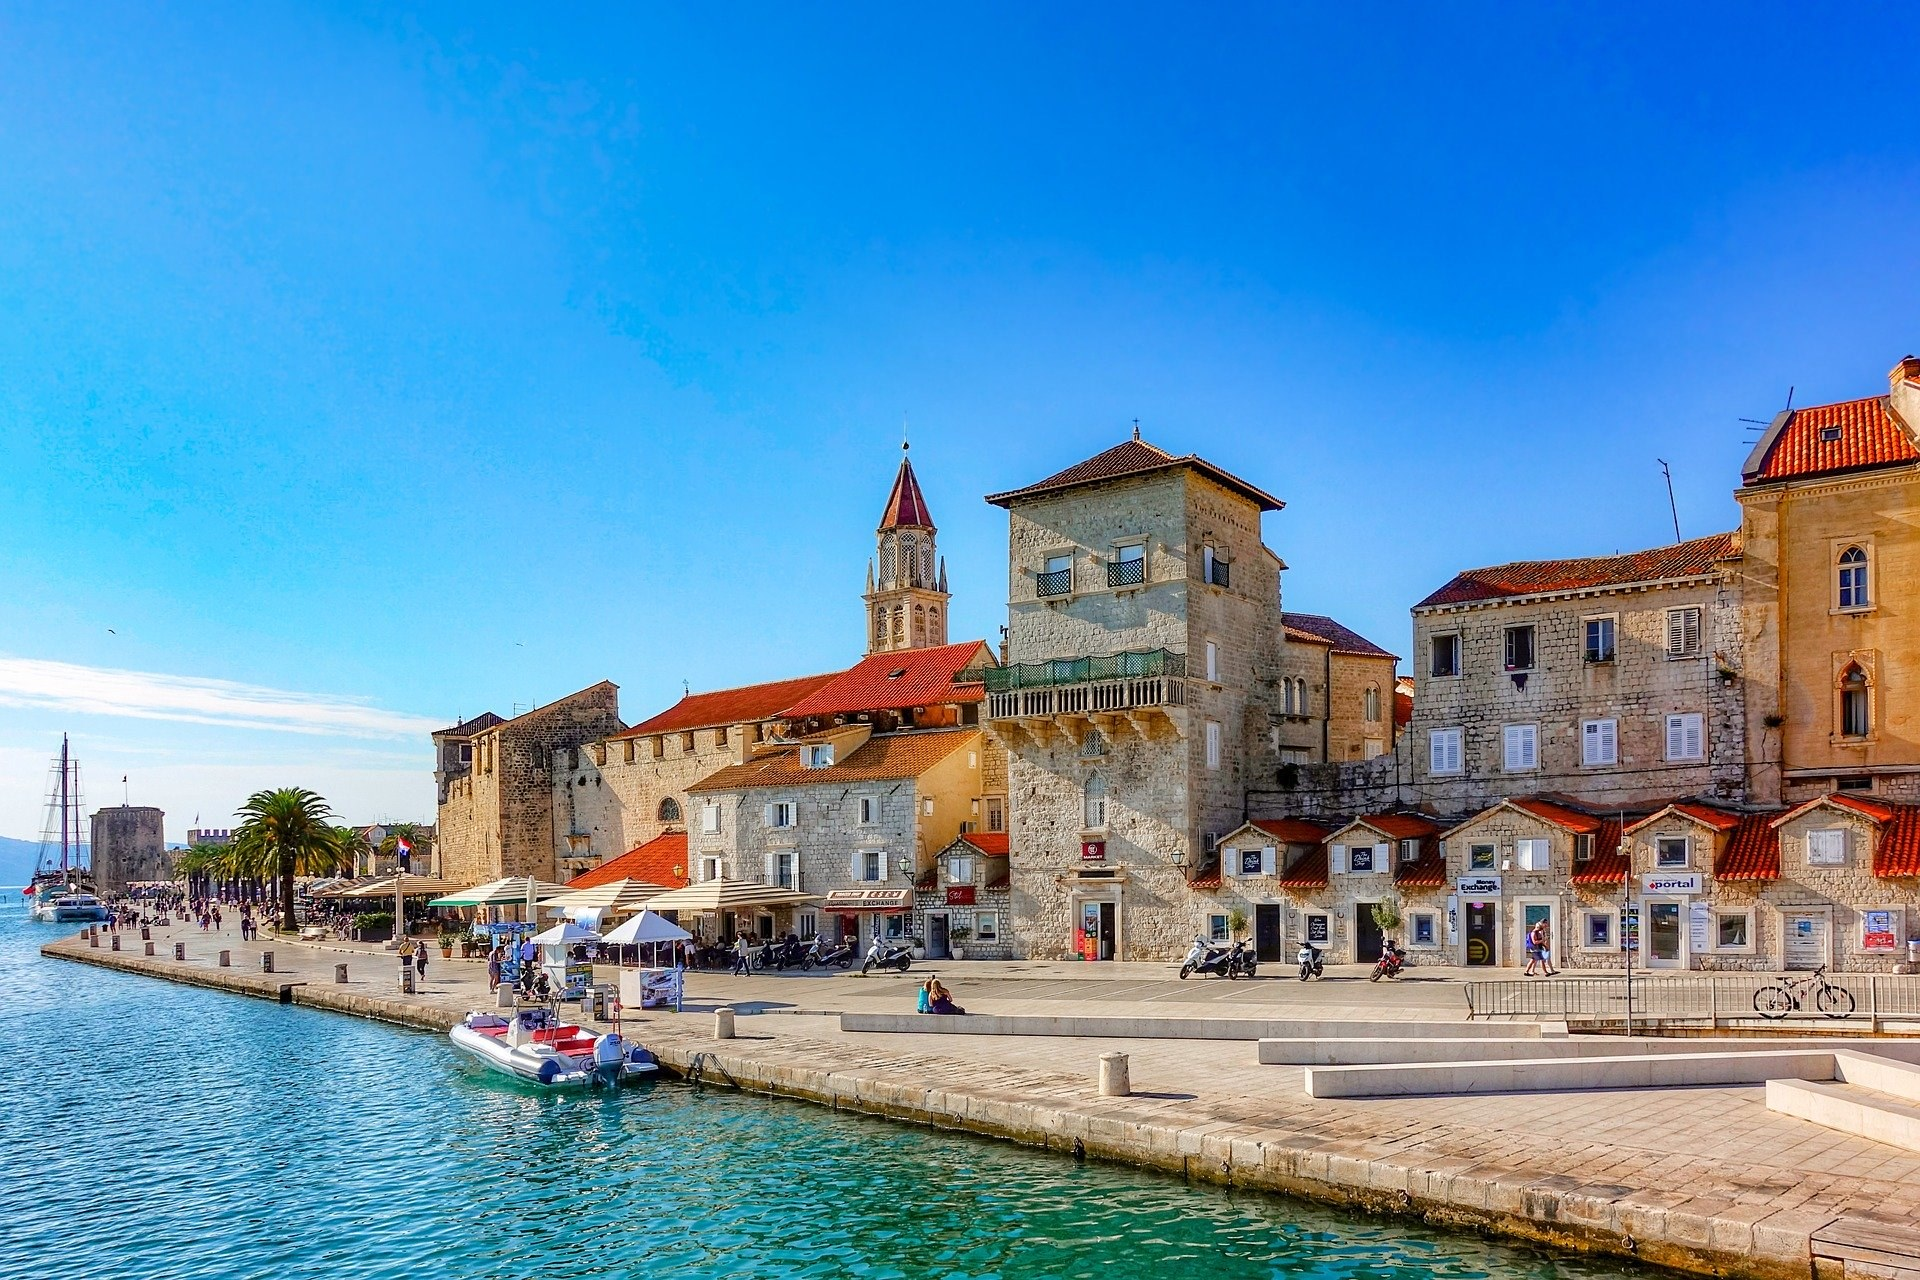 Vacances en Croatie sur la mer Adriatique